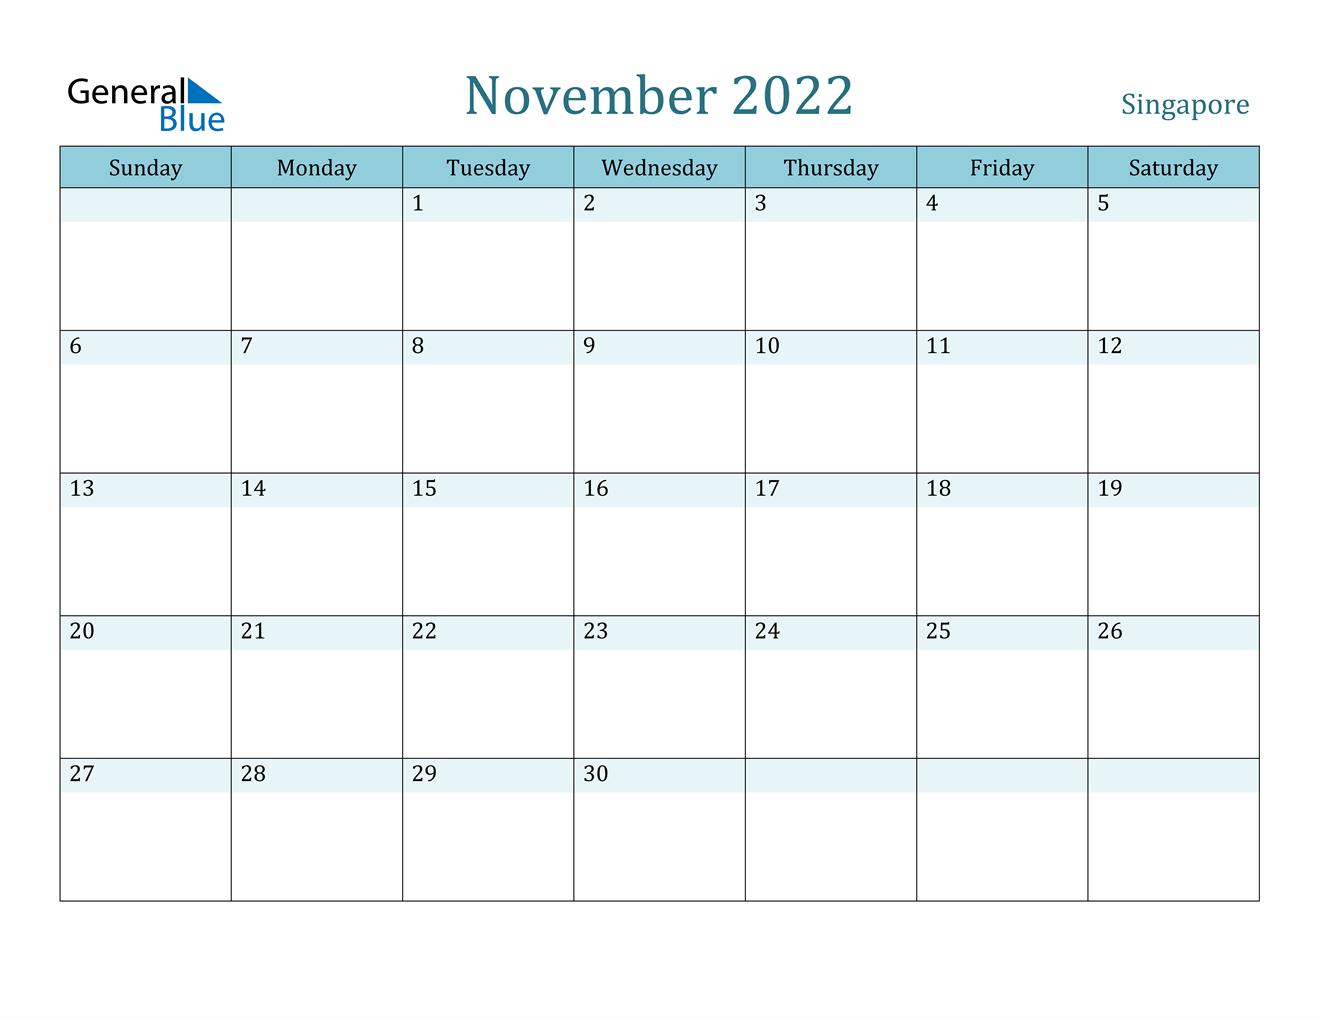 November 2022 Calendar - Singapore